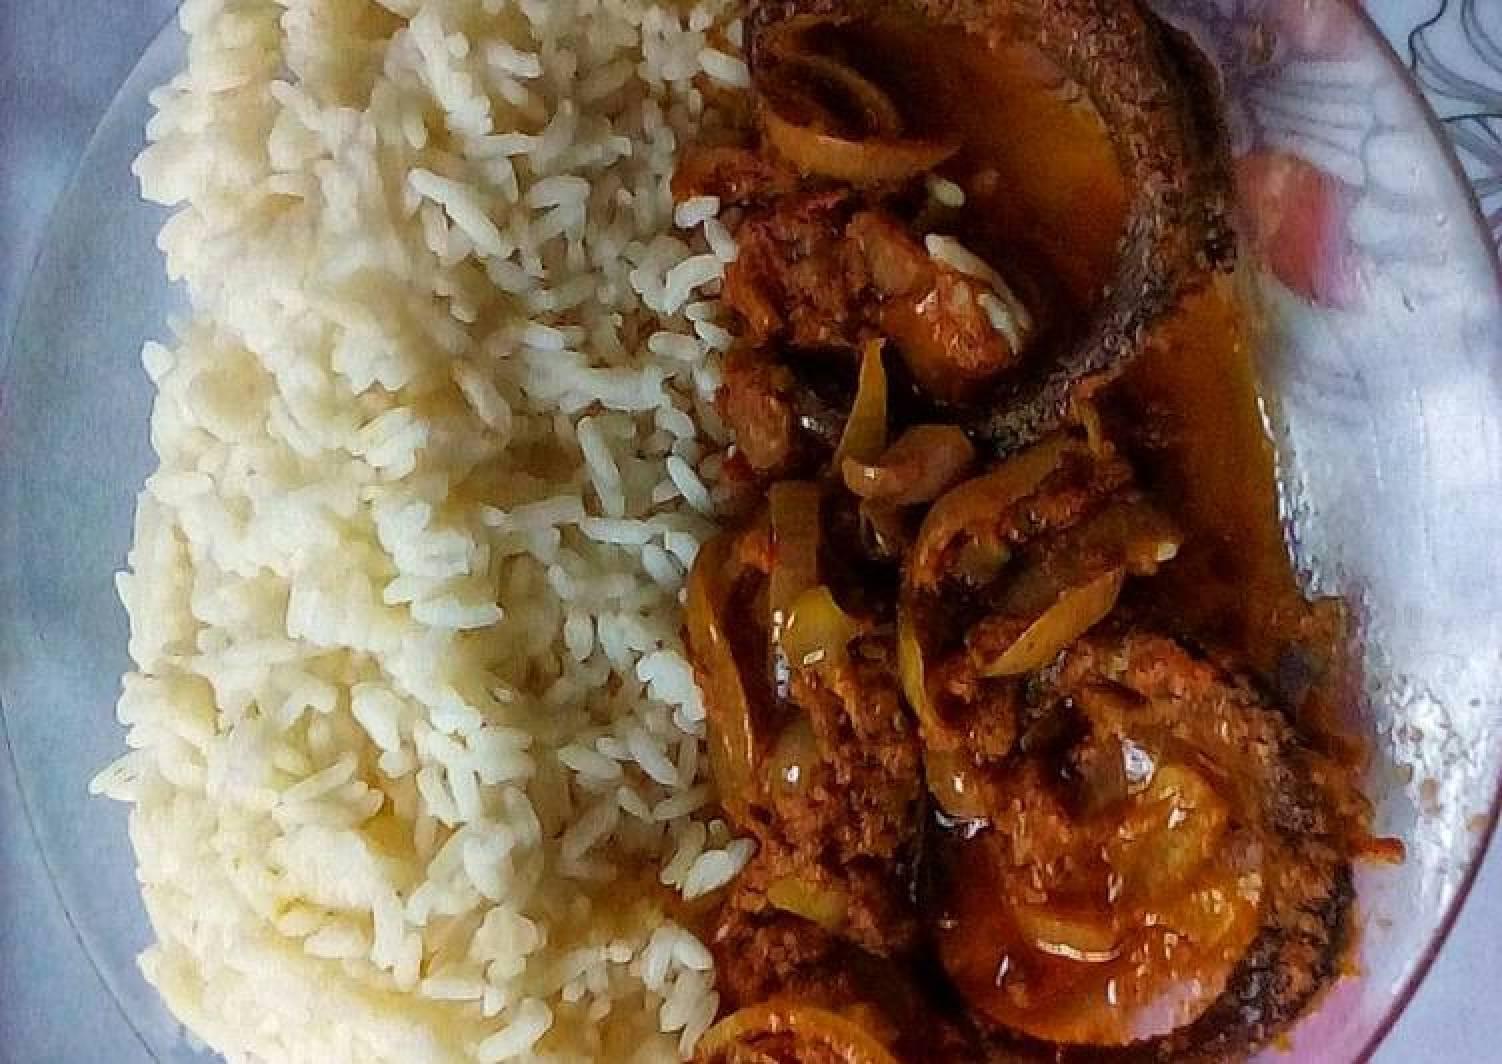 Smoked Dried Mackerel Fish Gravy and White Rice